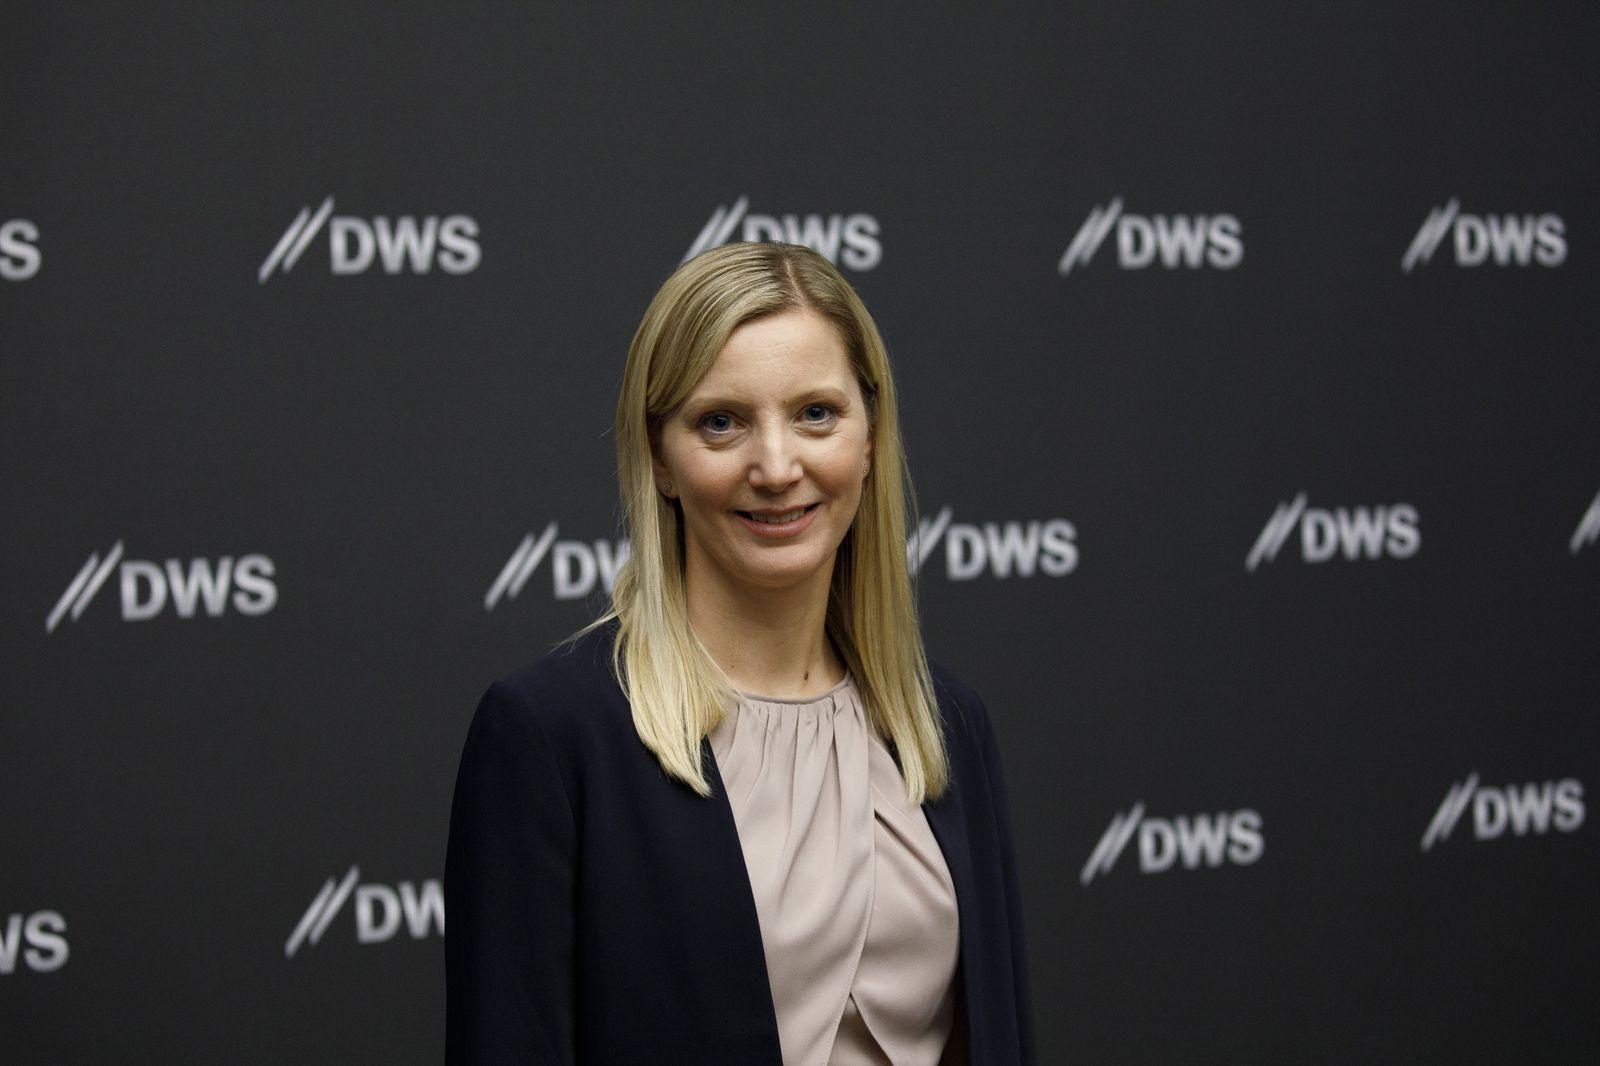 Deutsche Bank AG's DWS Asset Management Unit Raises 1.4 Billion Euros From IPO